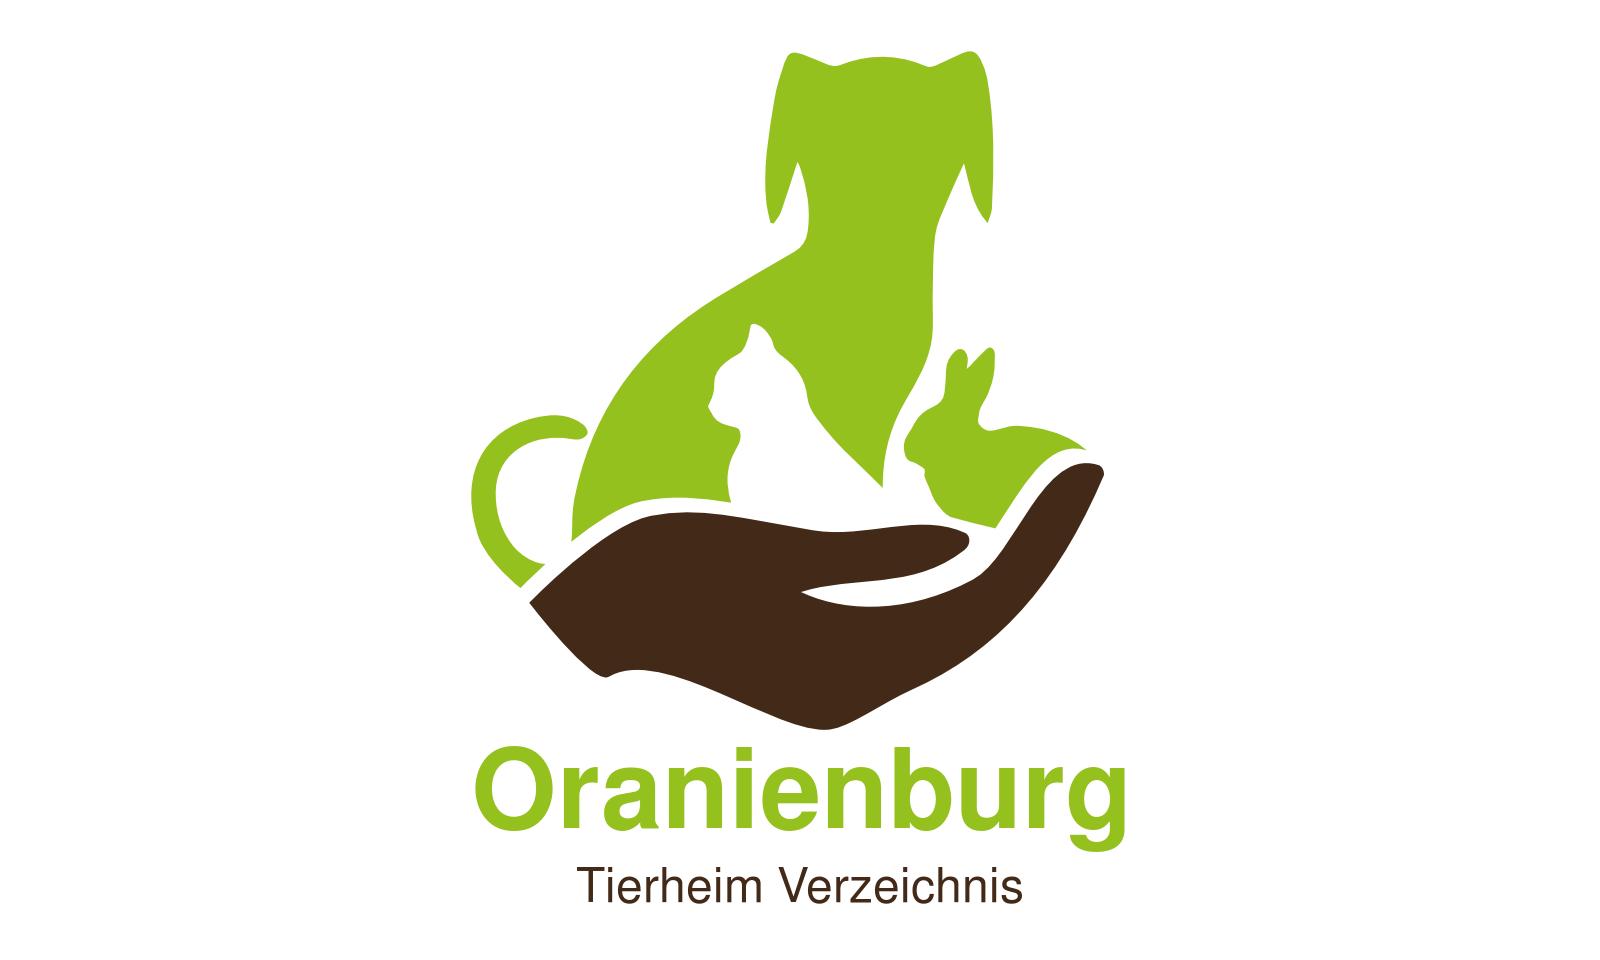 Tierheim Oranienburg